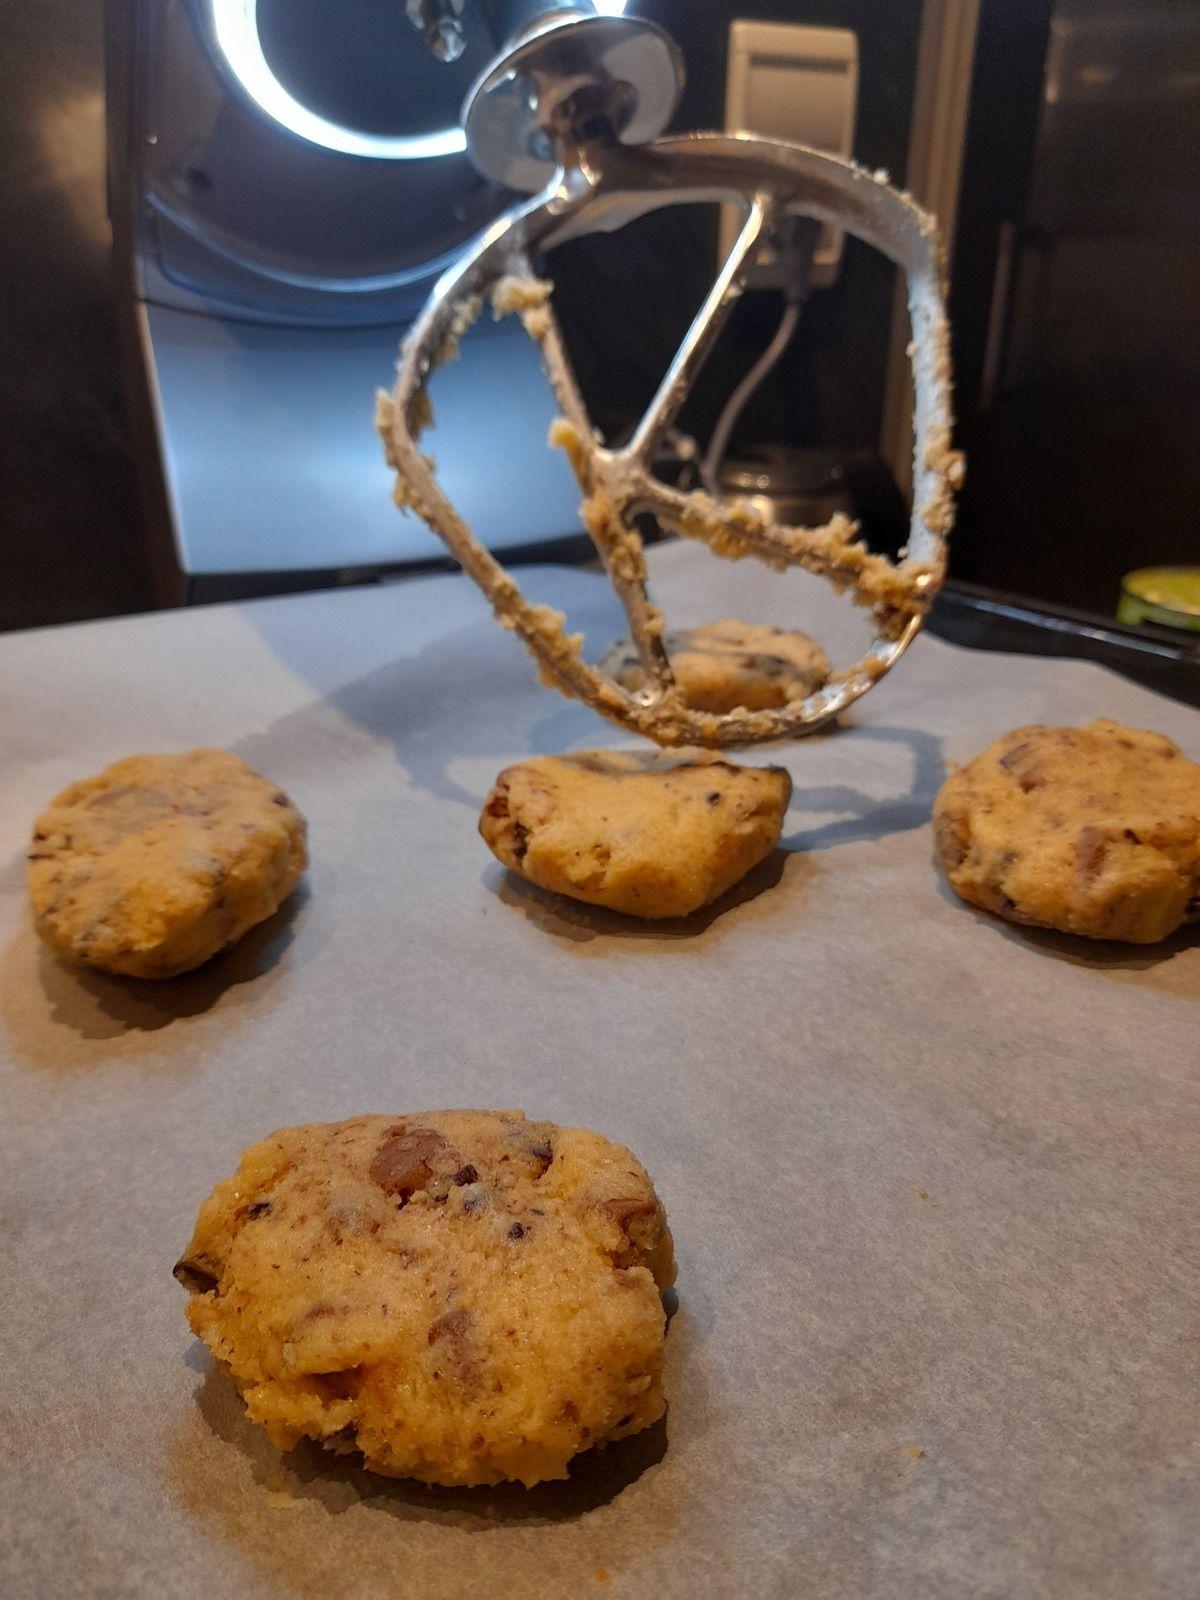 😋 un petit défi de ma fille 🥰 elle me demandait de lui refaire des cookies qu'elle adore  s'acheter en ville,  dans les boutiques de la #miecâline 💪 mission relevée 😆e